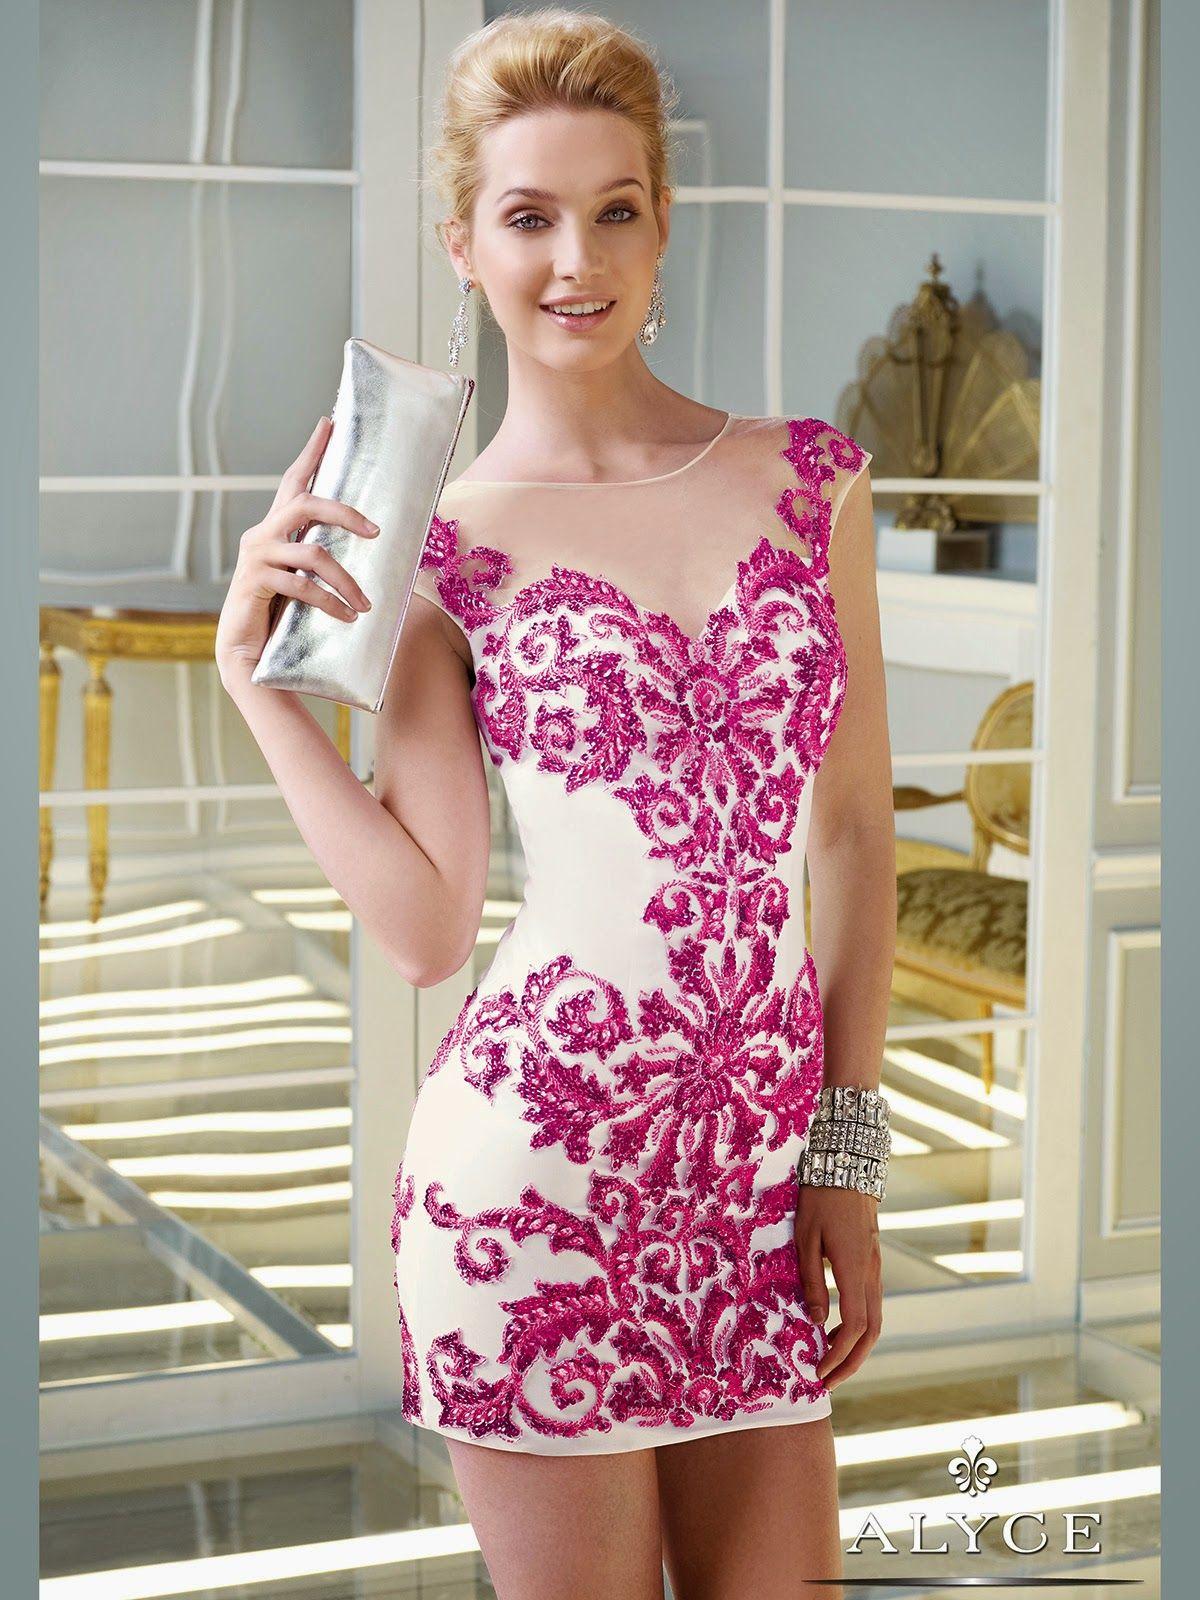 Exclusivos vestidos para jovencitas de fiesta | Bricolaje y ...